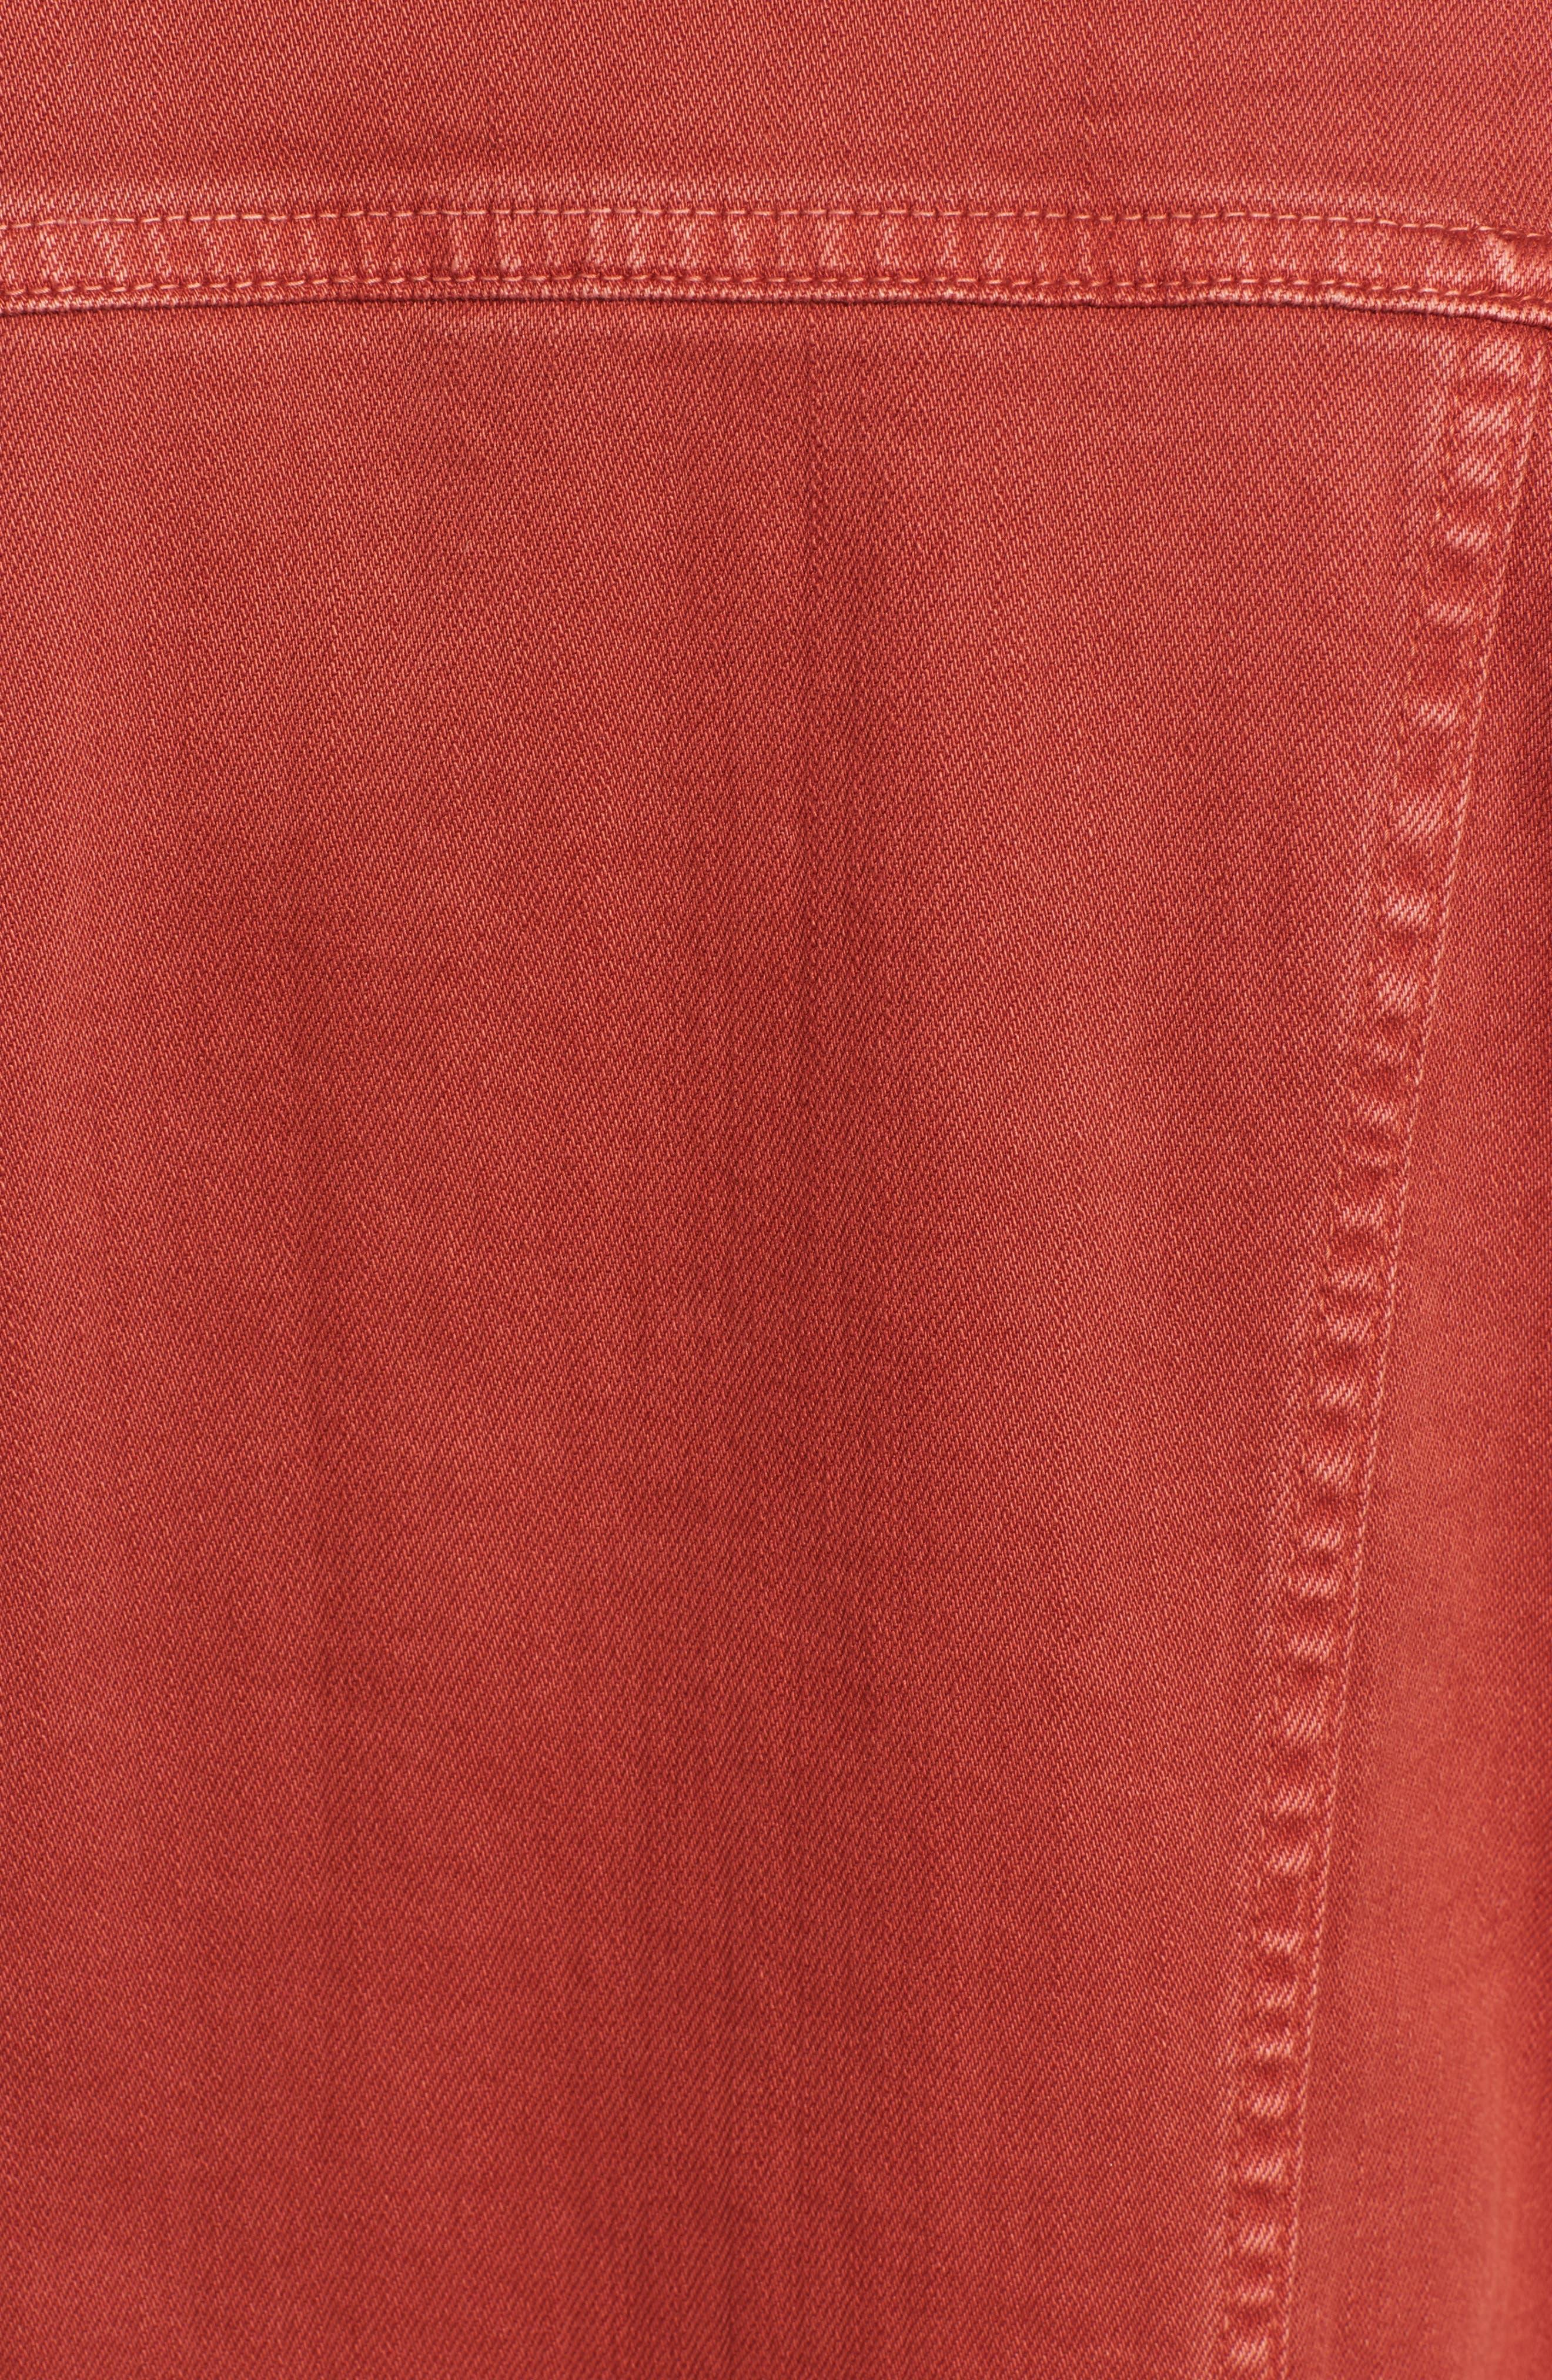 Mya Denim Jacket,                             Alternate thumbnail 6, color,                             10 Years Remedy Firebrick